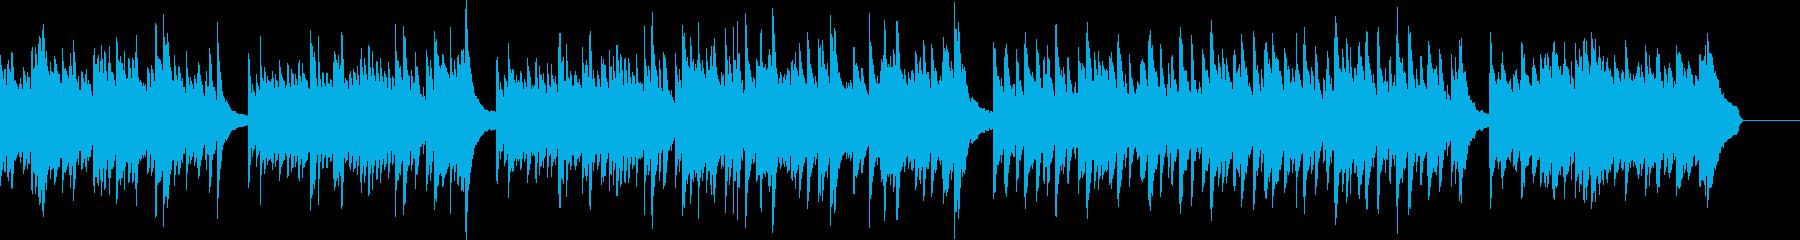 ピアノメインの疾走感ある切ないトランスの再生済みの波形